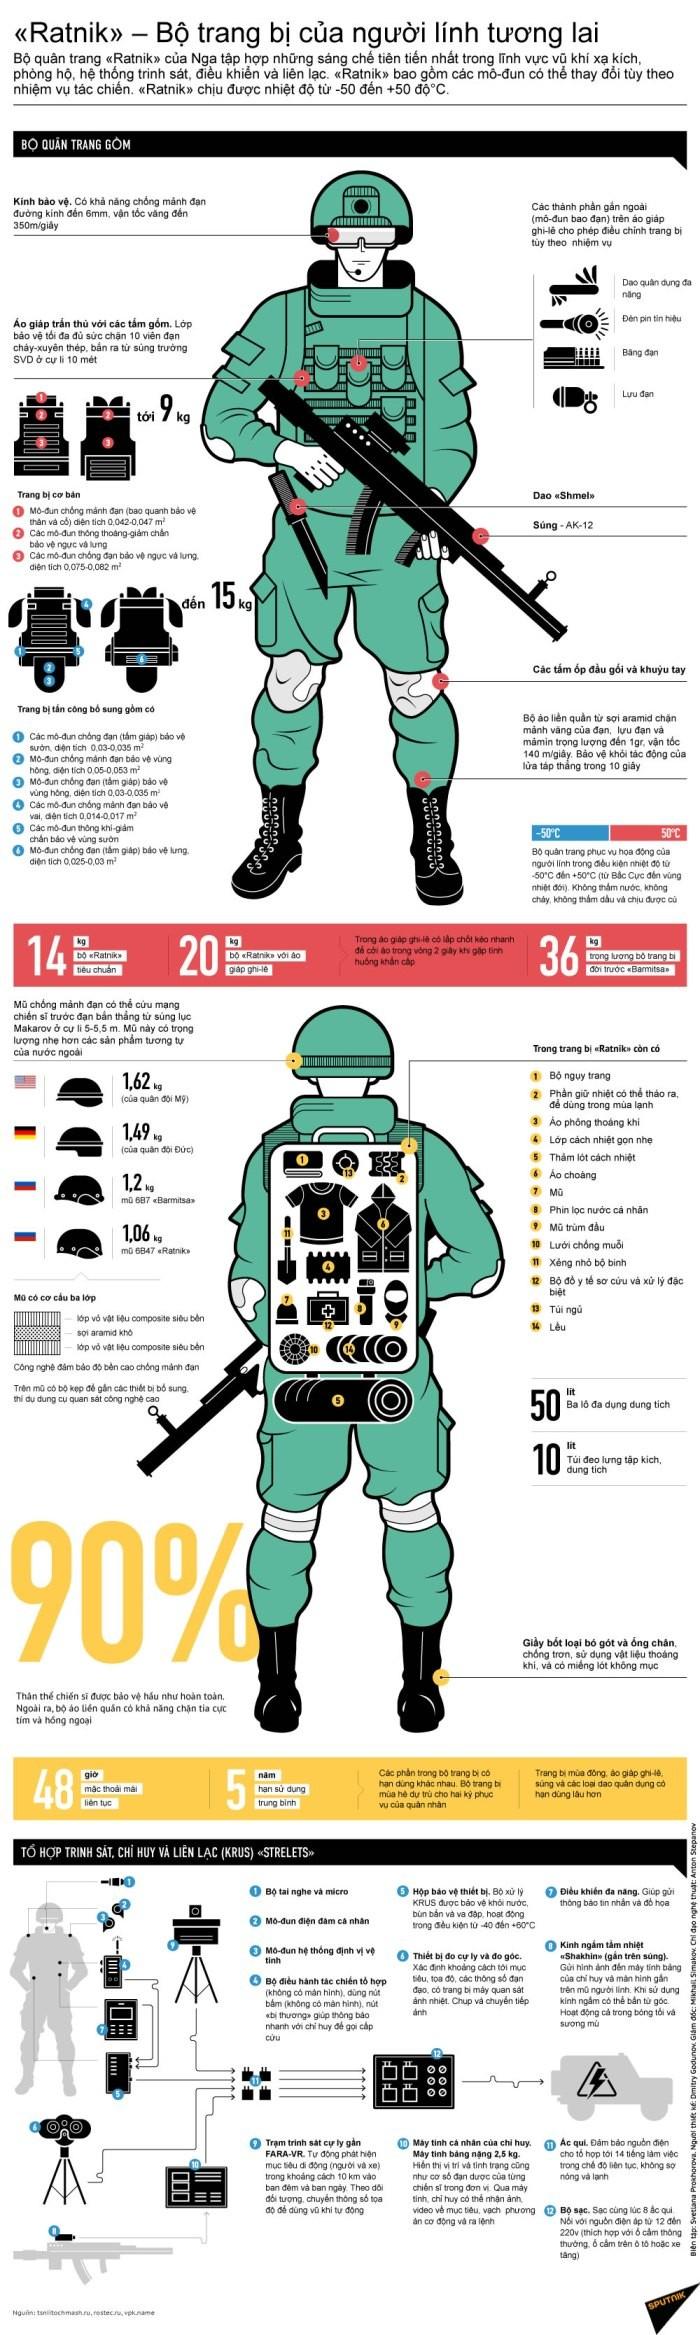 «Ratnik» – Bộ trang bị của người lính tương lai ảnh 1